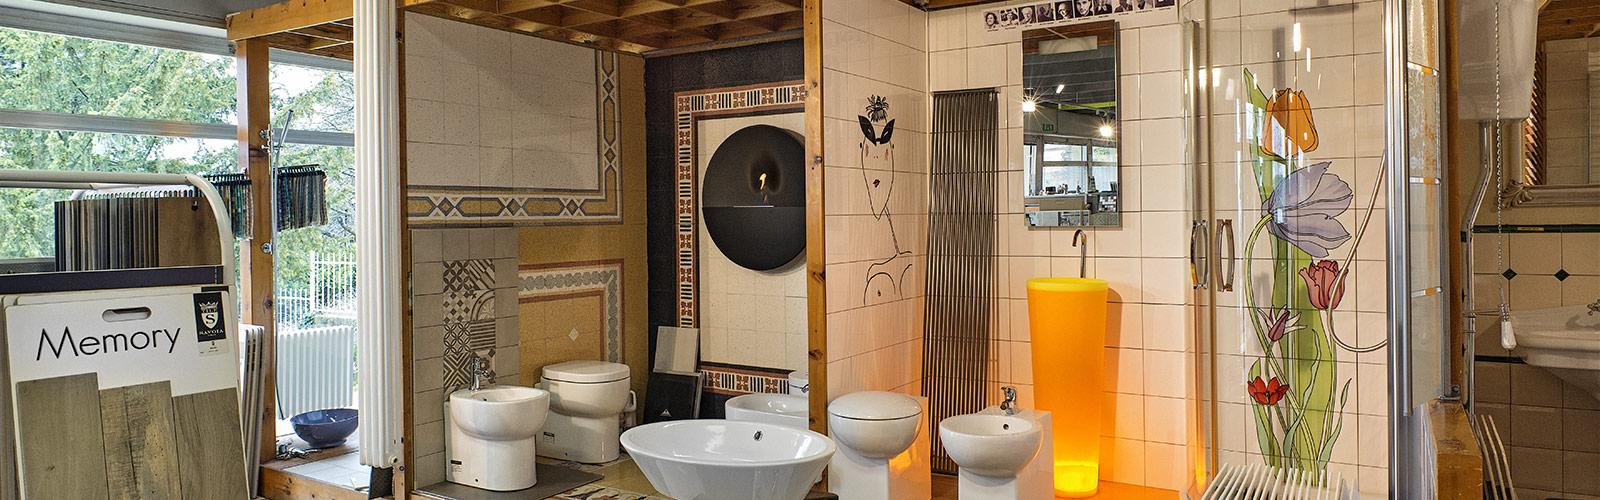 Cmc vendita ceramiche pavimenti rivestimenti ad asti in for Arredo bagno asti